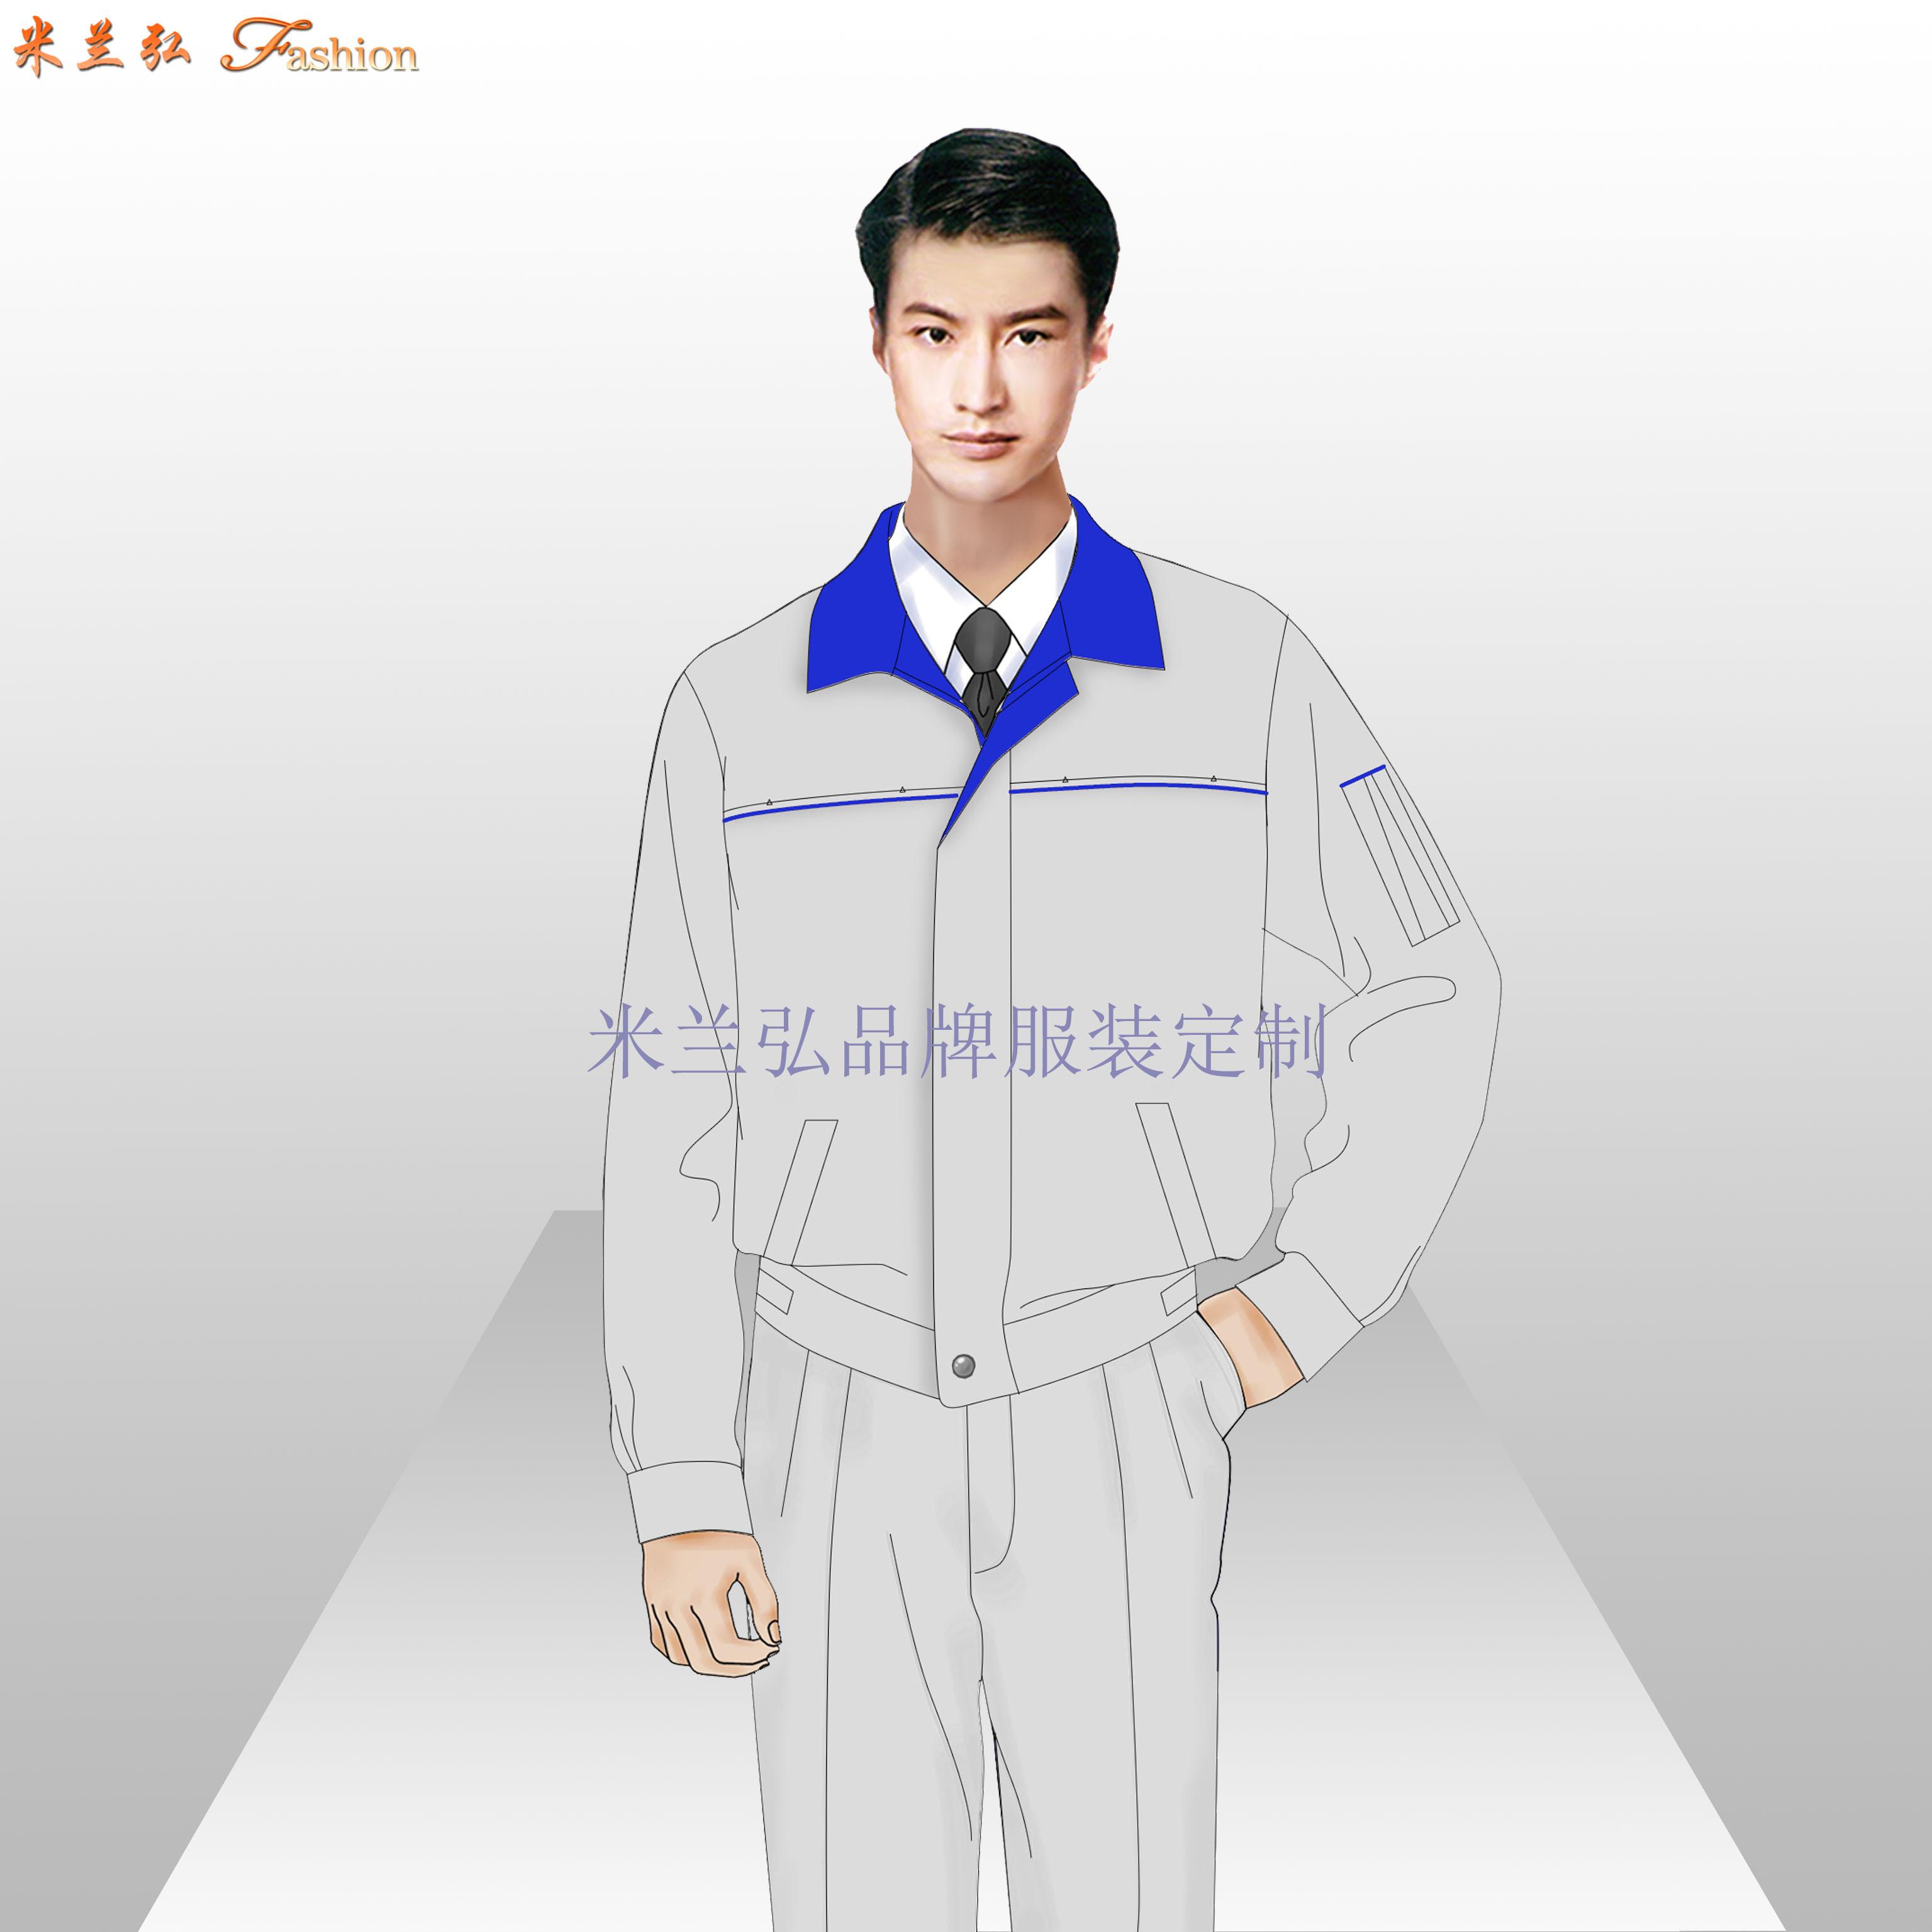 「定做工作服裝廠家」服裝定制源頭廠家-米蘭弘服裝-1